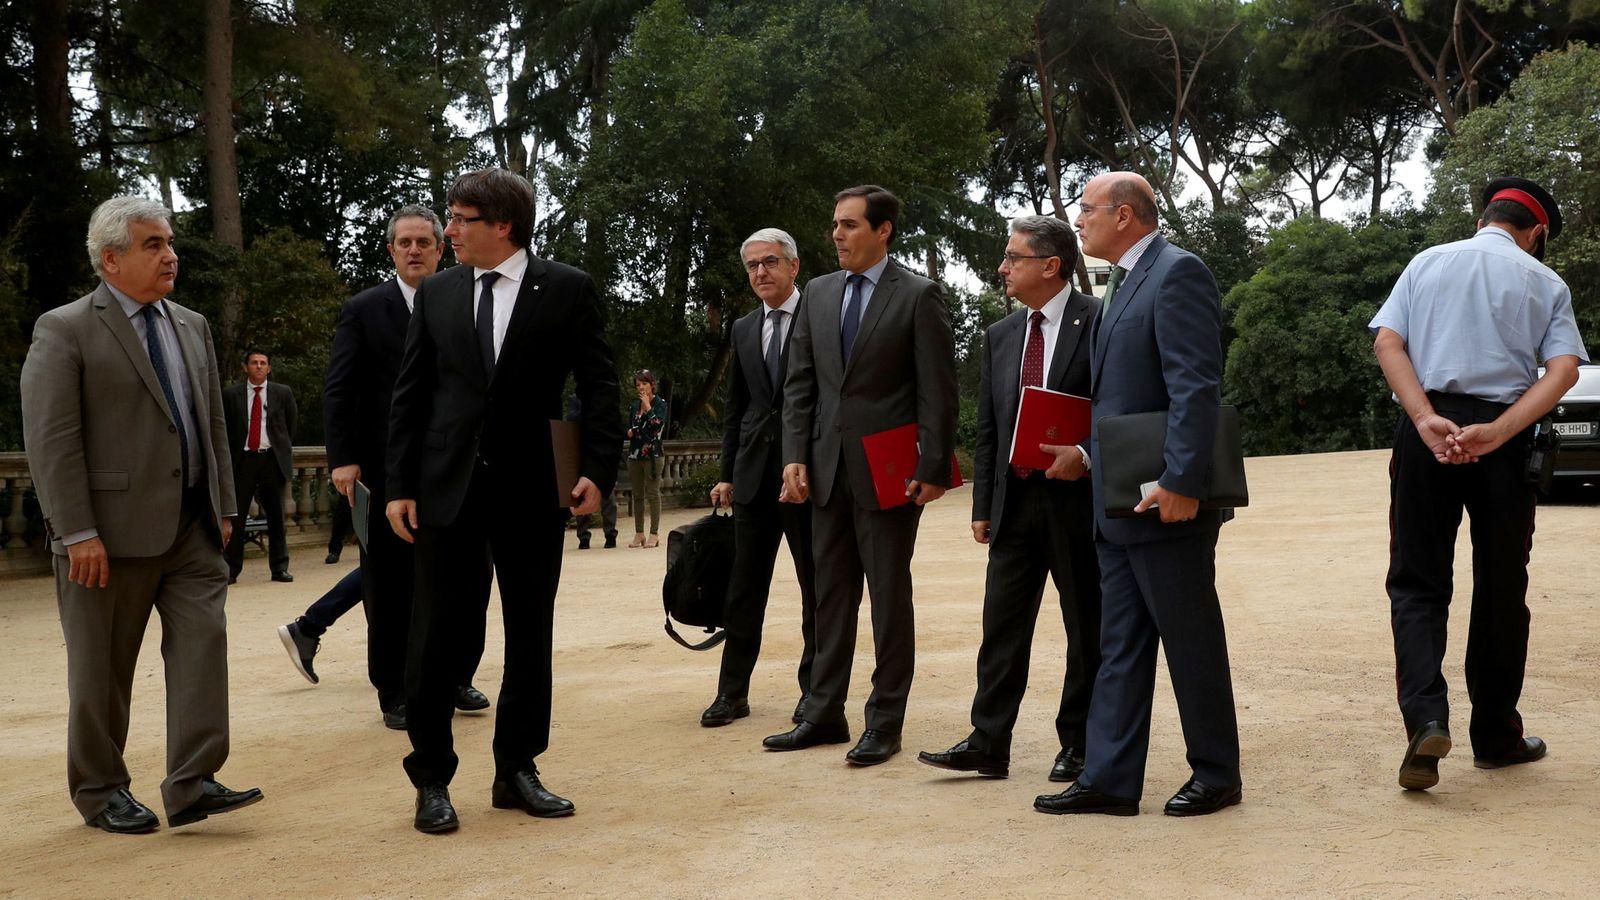 Foto: Los participantes en la Junta de Seguridad de Cataluña caminan hacia el Palau de Pedralbes para reunirse sobre el dispositivo del 1-O. (Reuters)